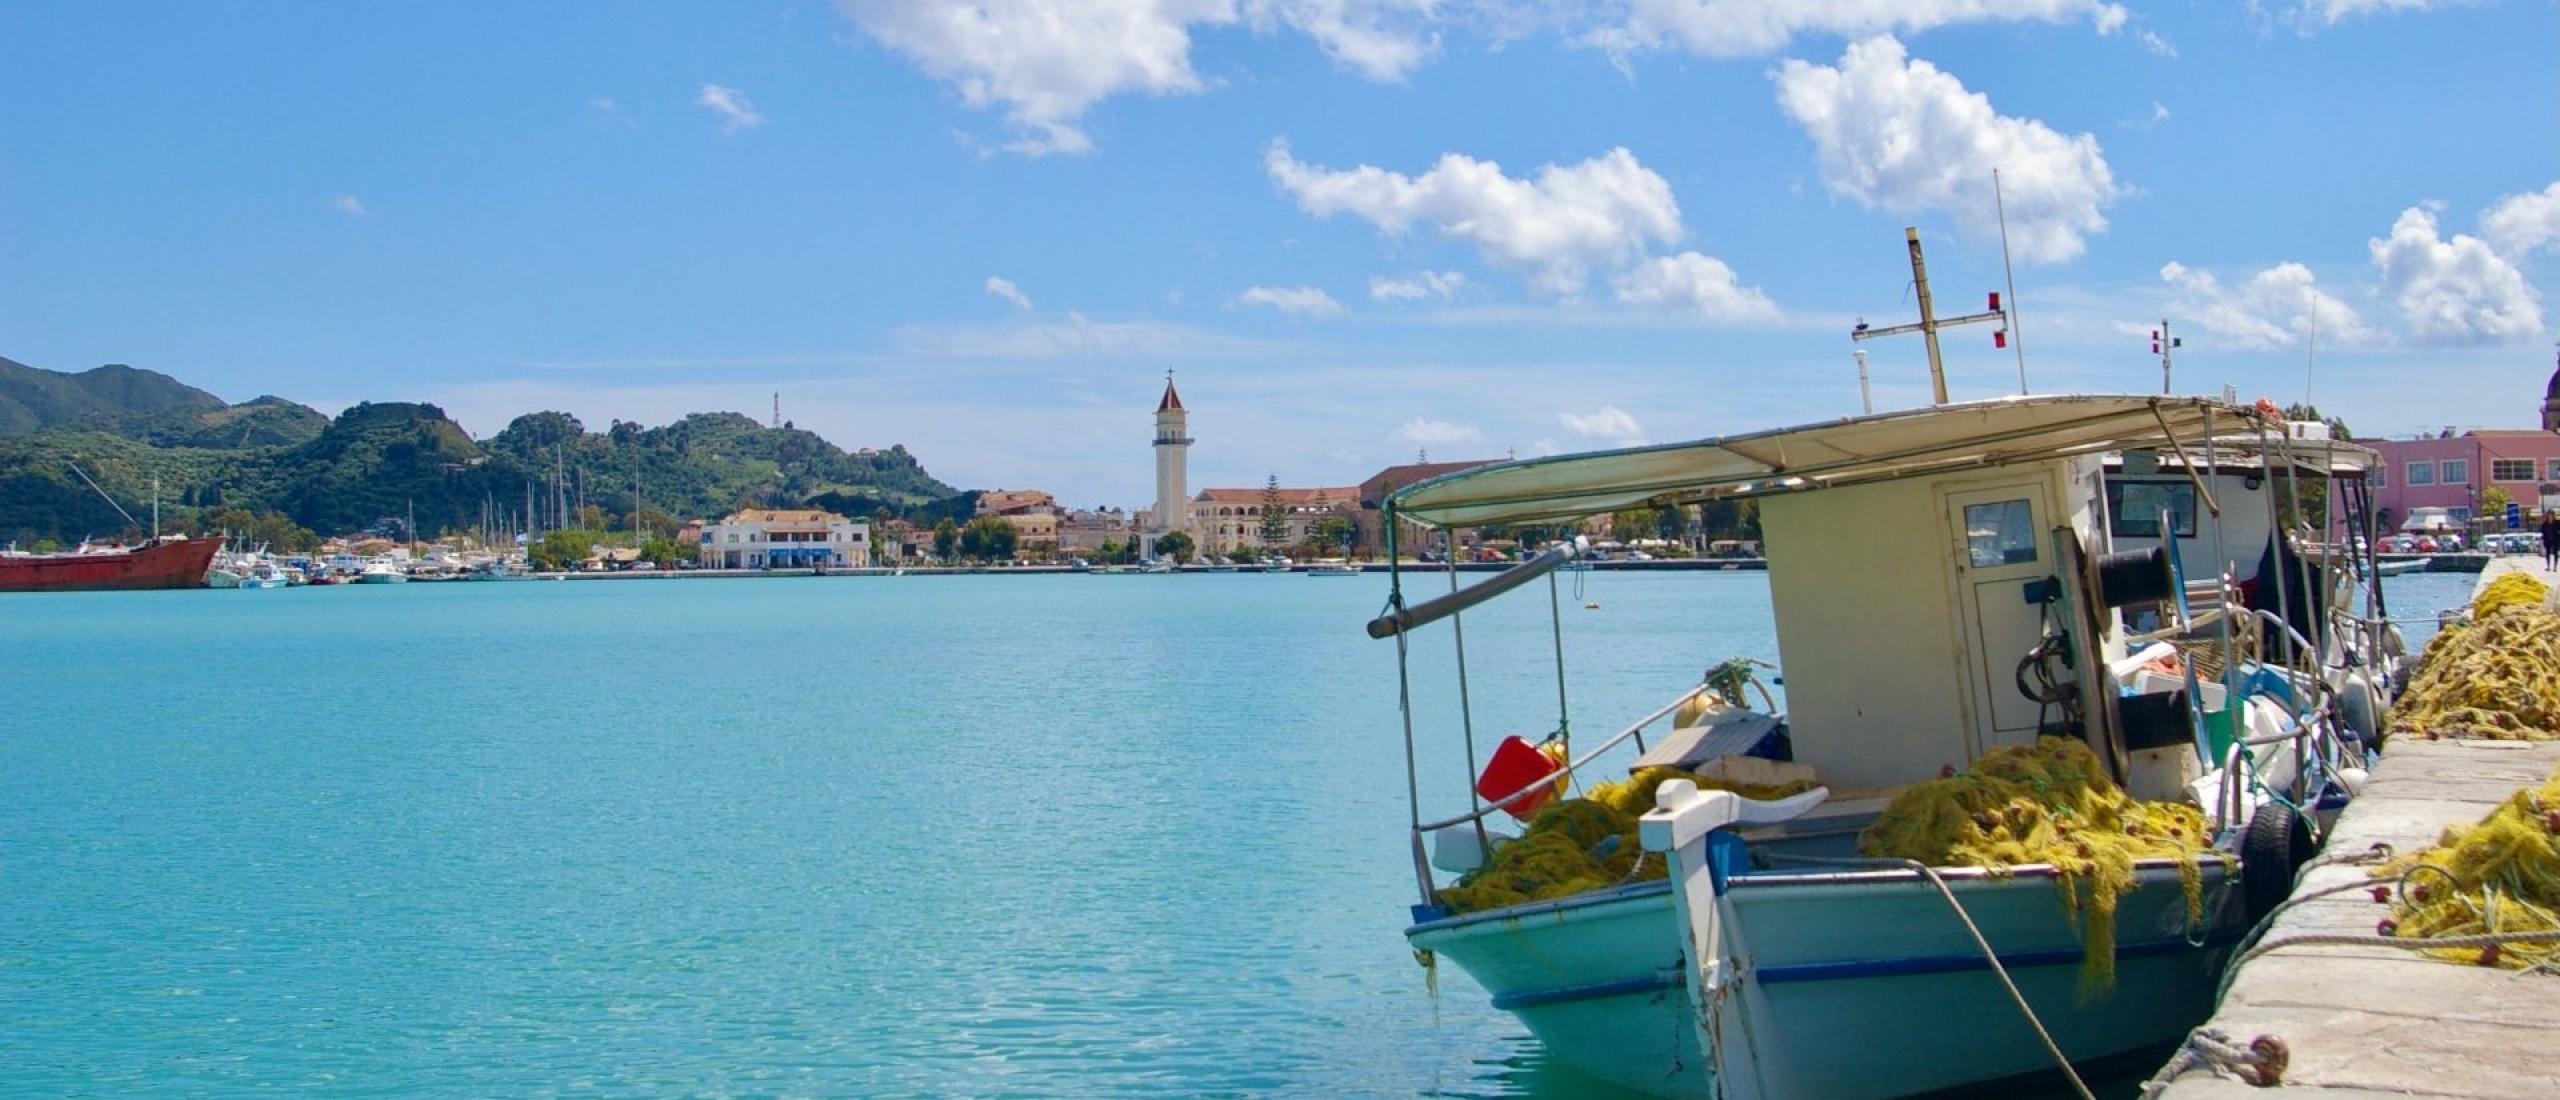 Eilandhoppen: dé Griekse vakantie voor waterratten